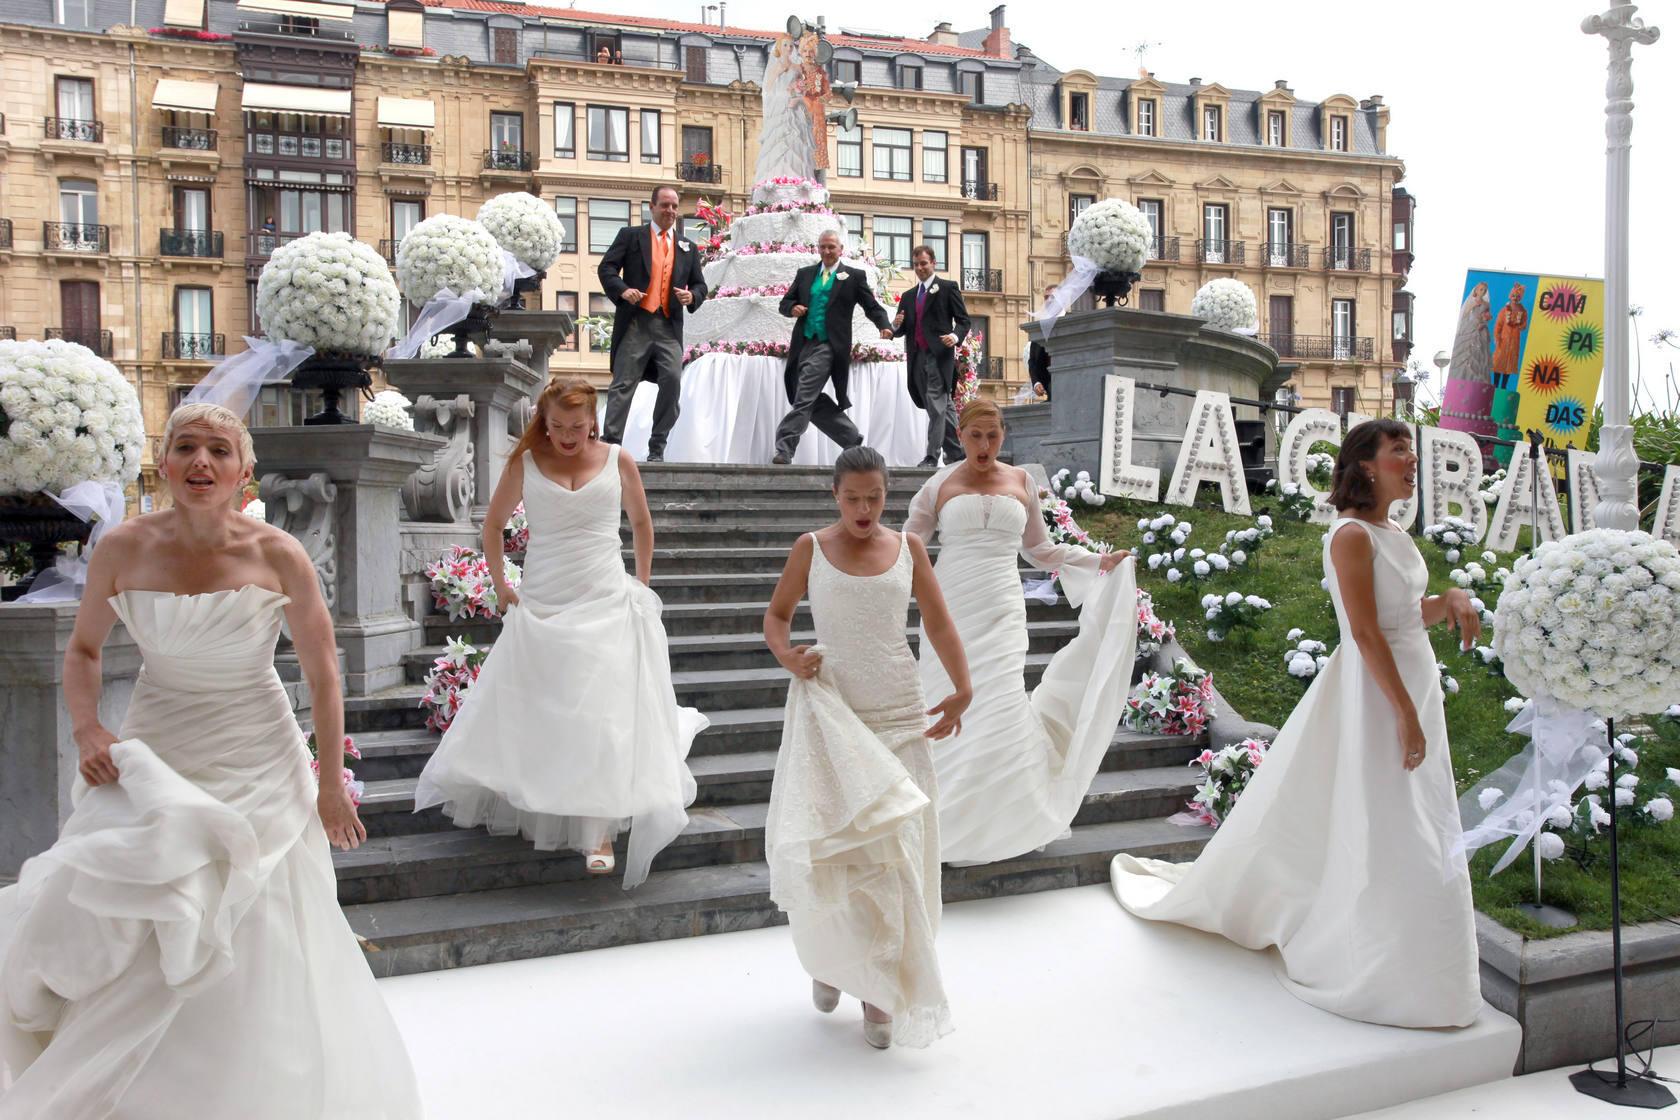 'La Cubana' sorprende con su boda en plena calle Reina Regente